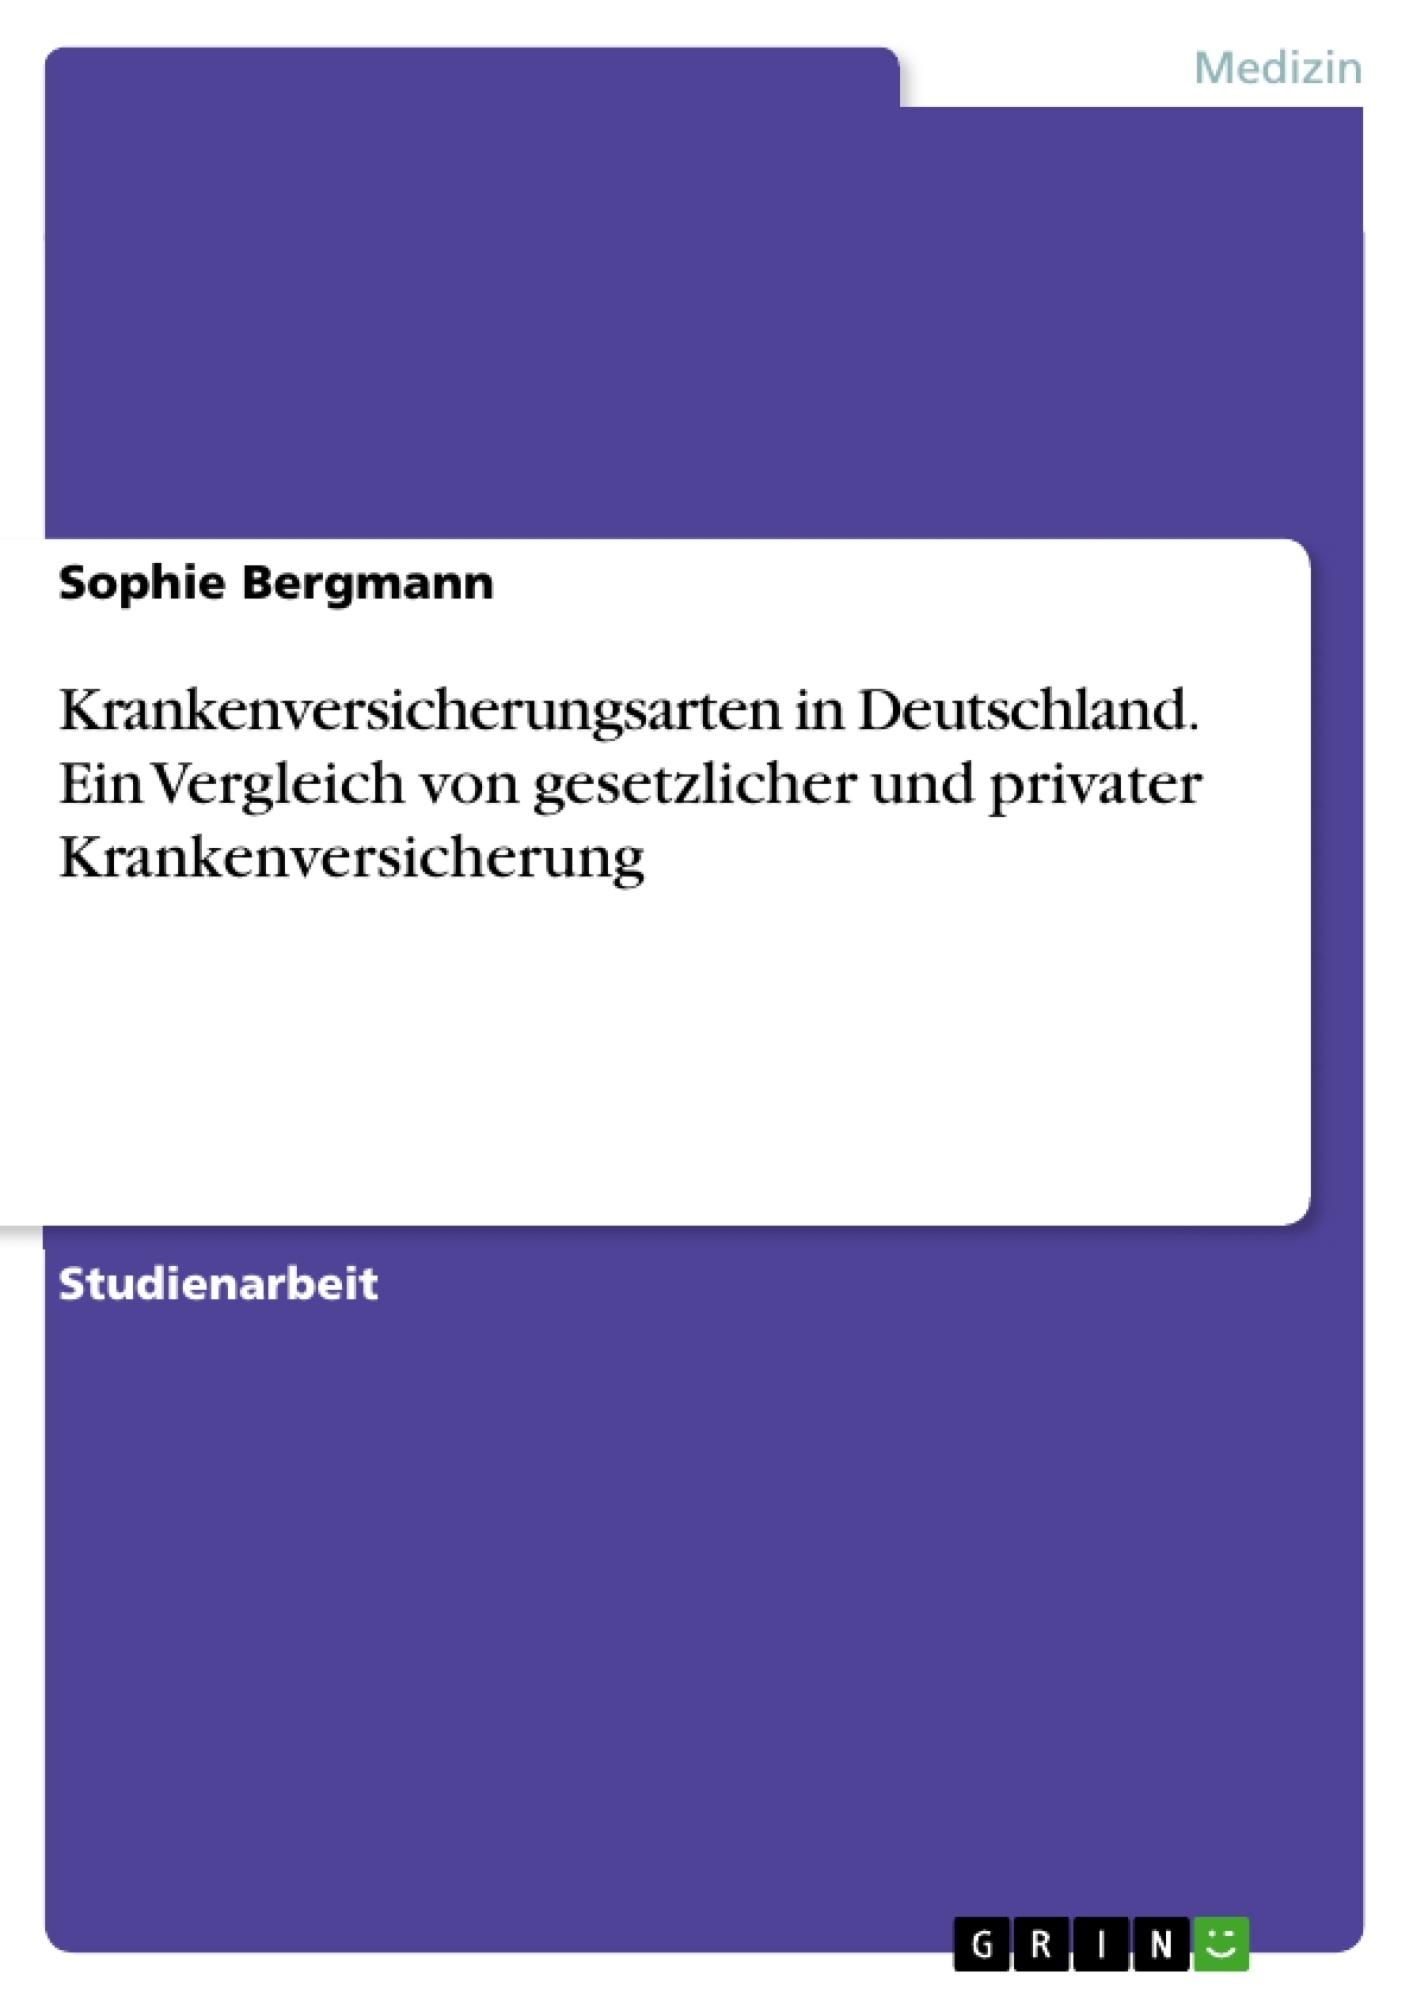 Titel: Krankenversicherungsarten in Deutschland. Ein Vergleich von gesetzlicher und privater Krankenversicherung